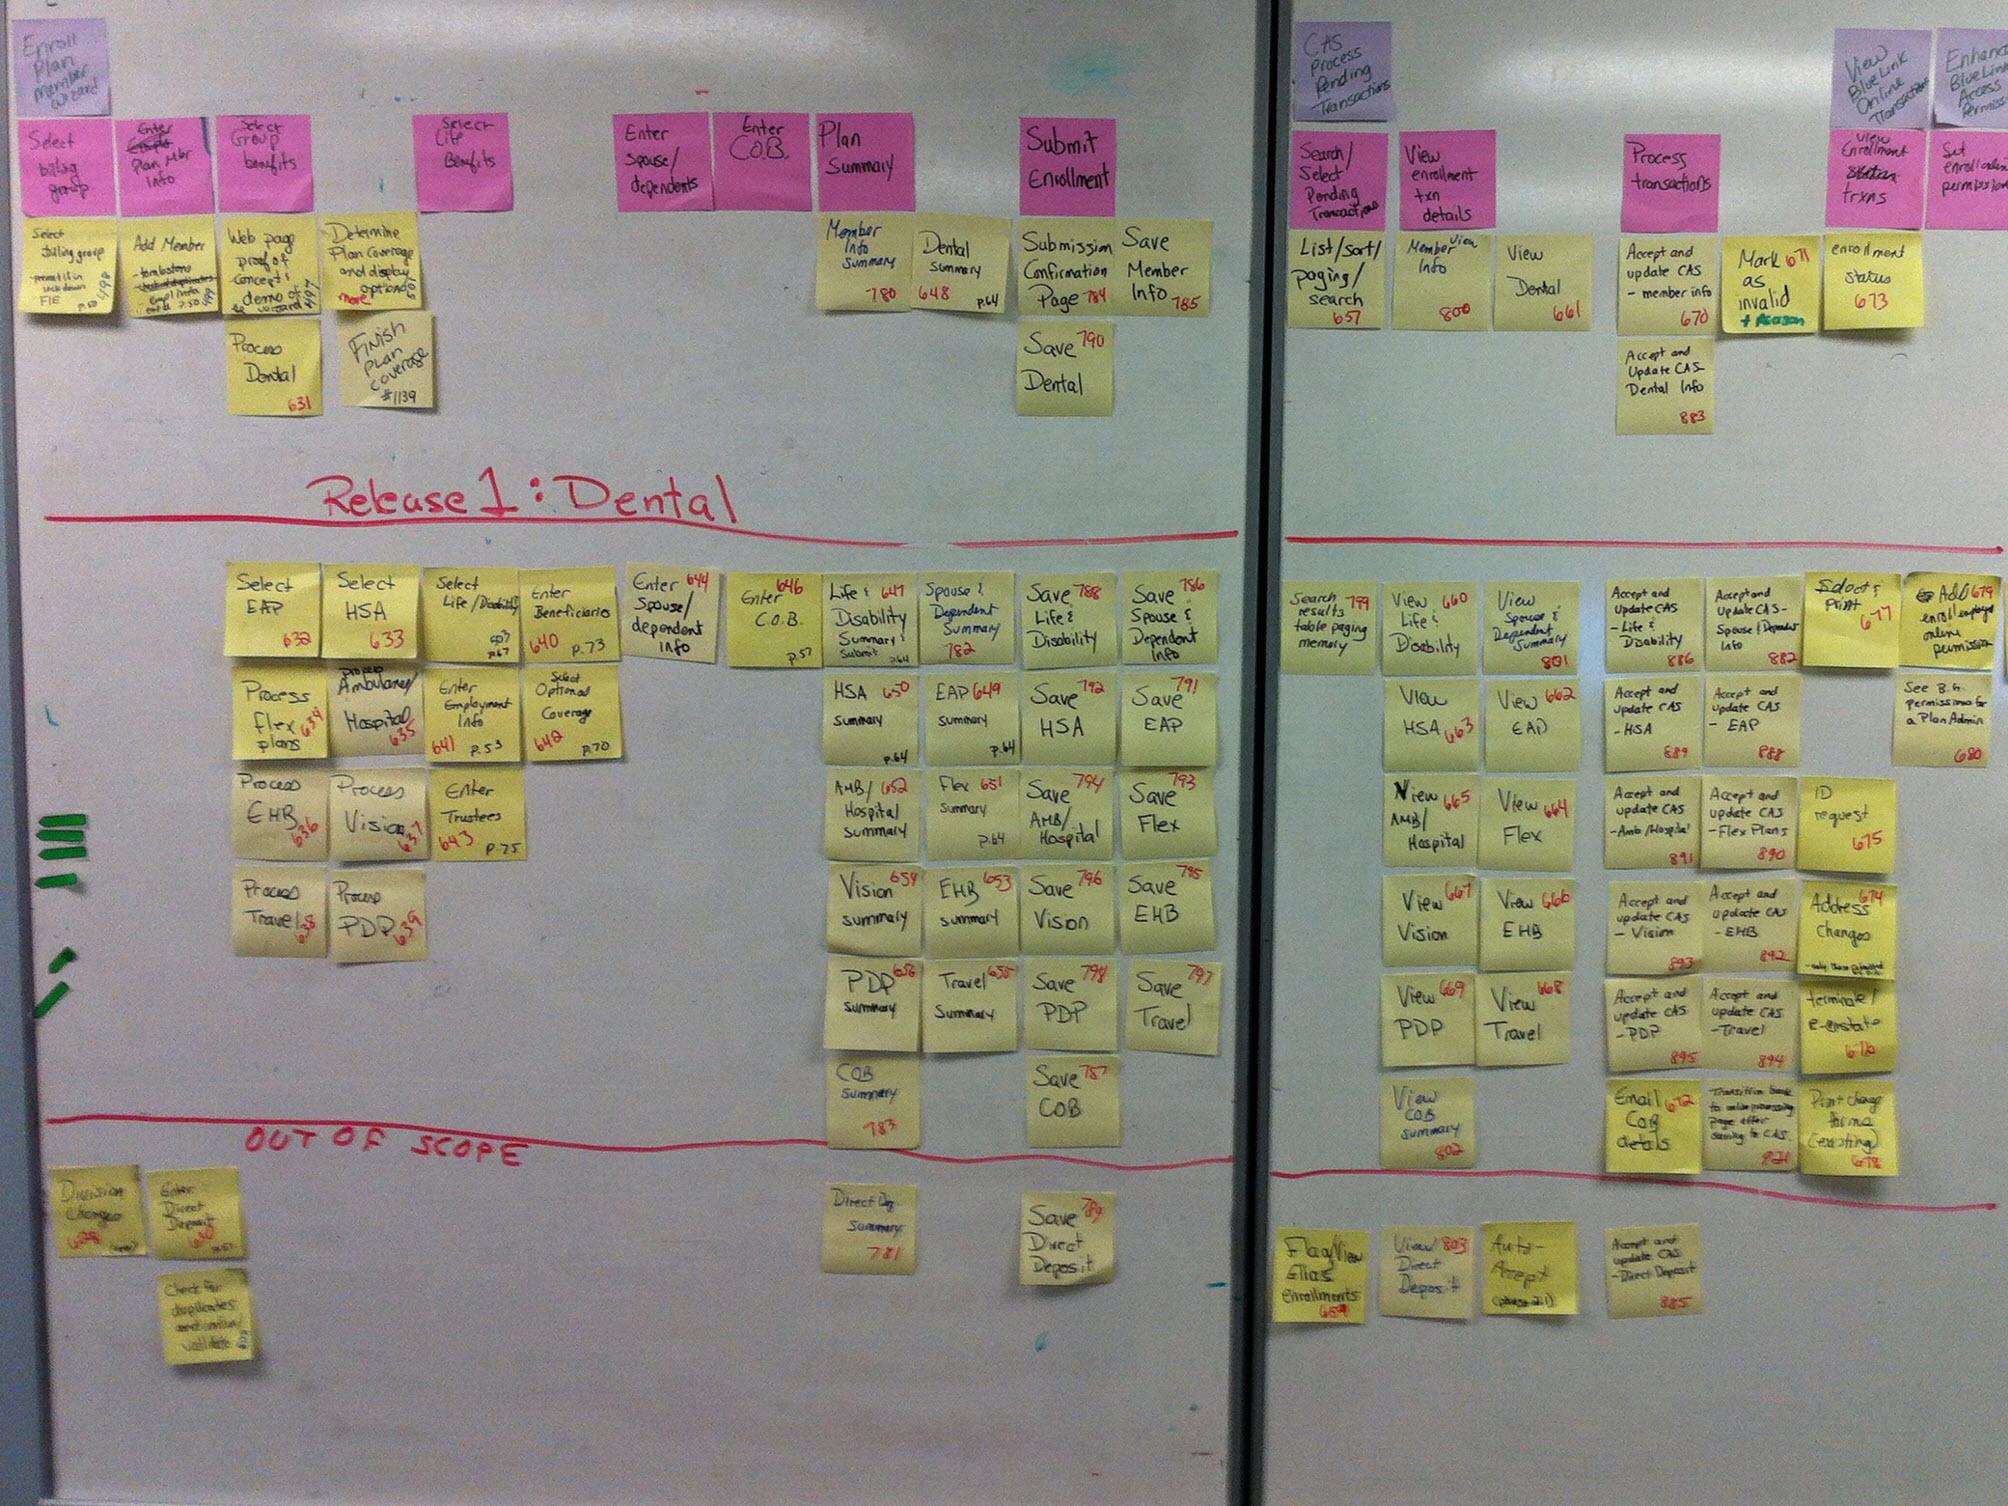 8-13 storymap